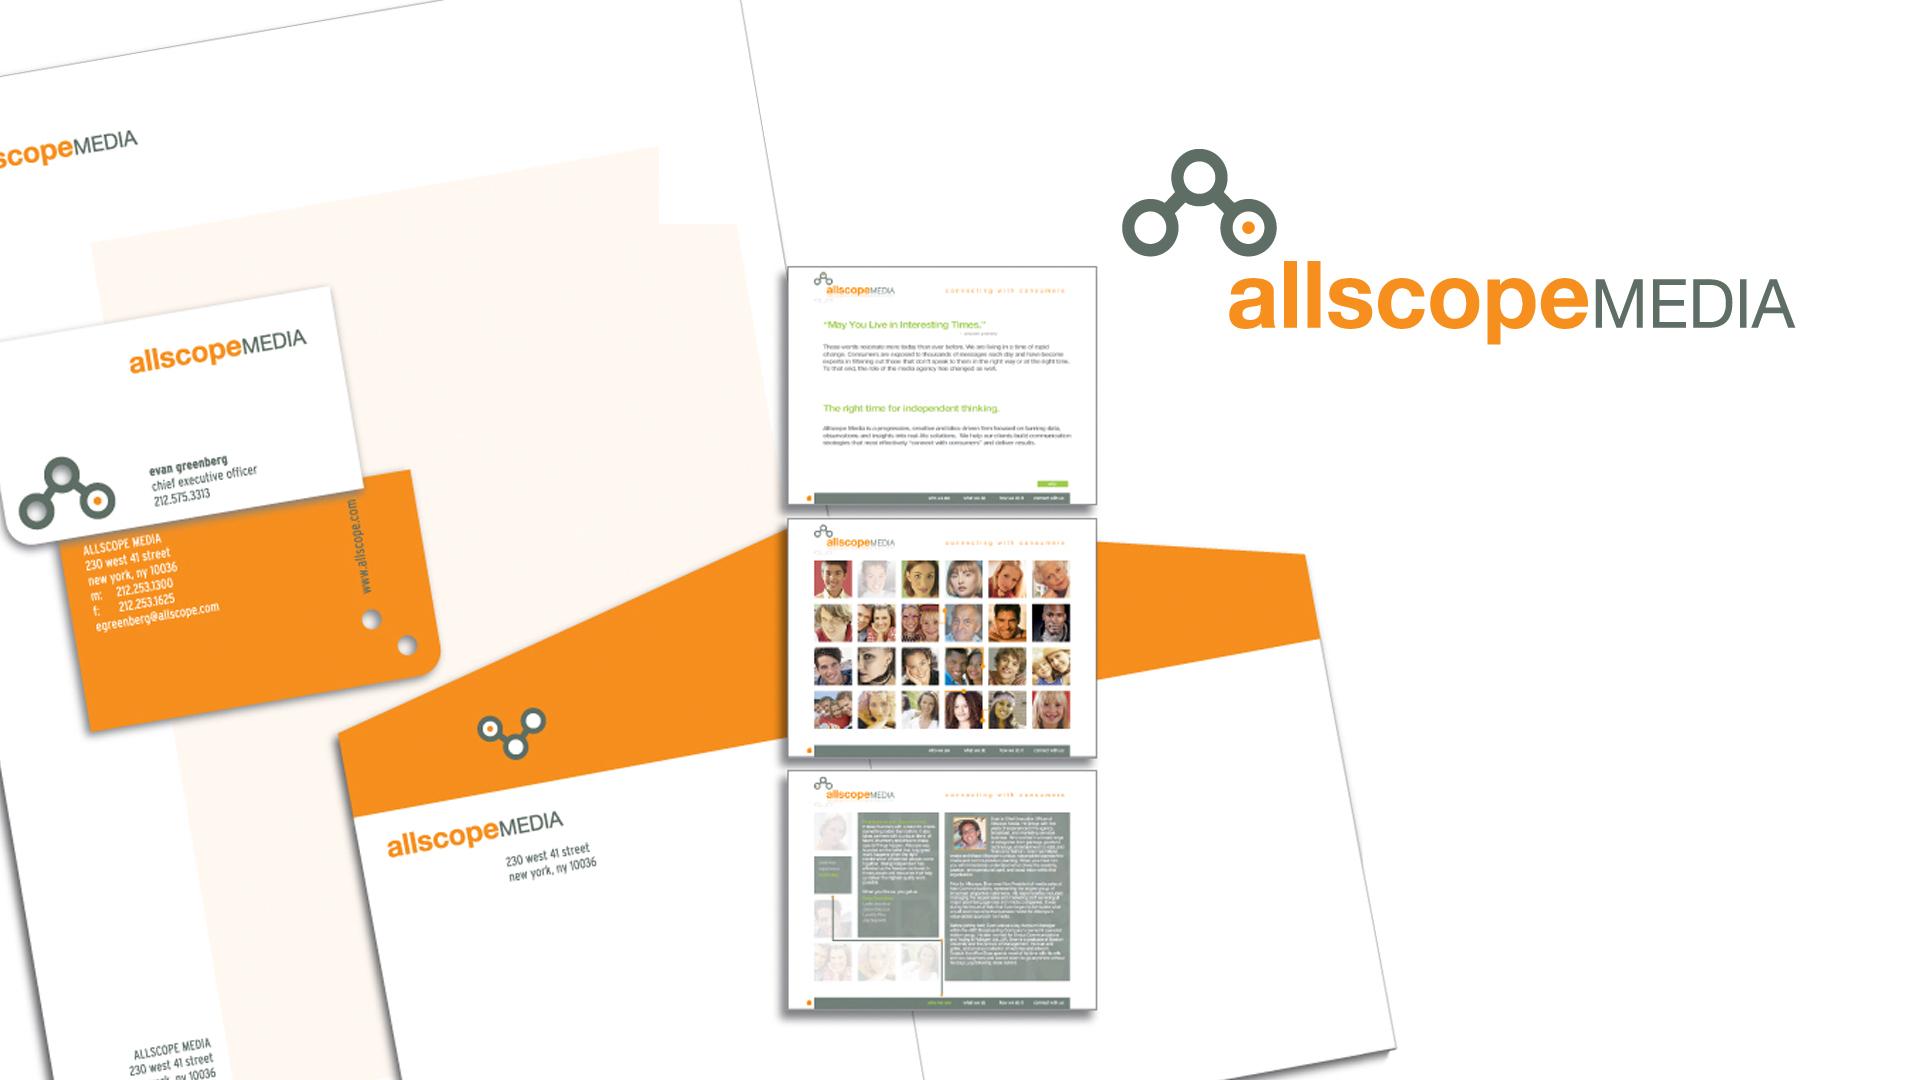 Allscope Media